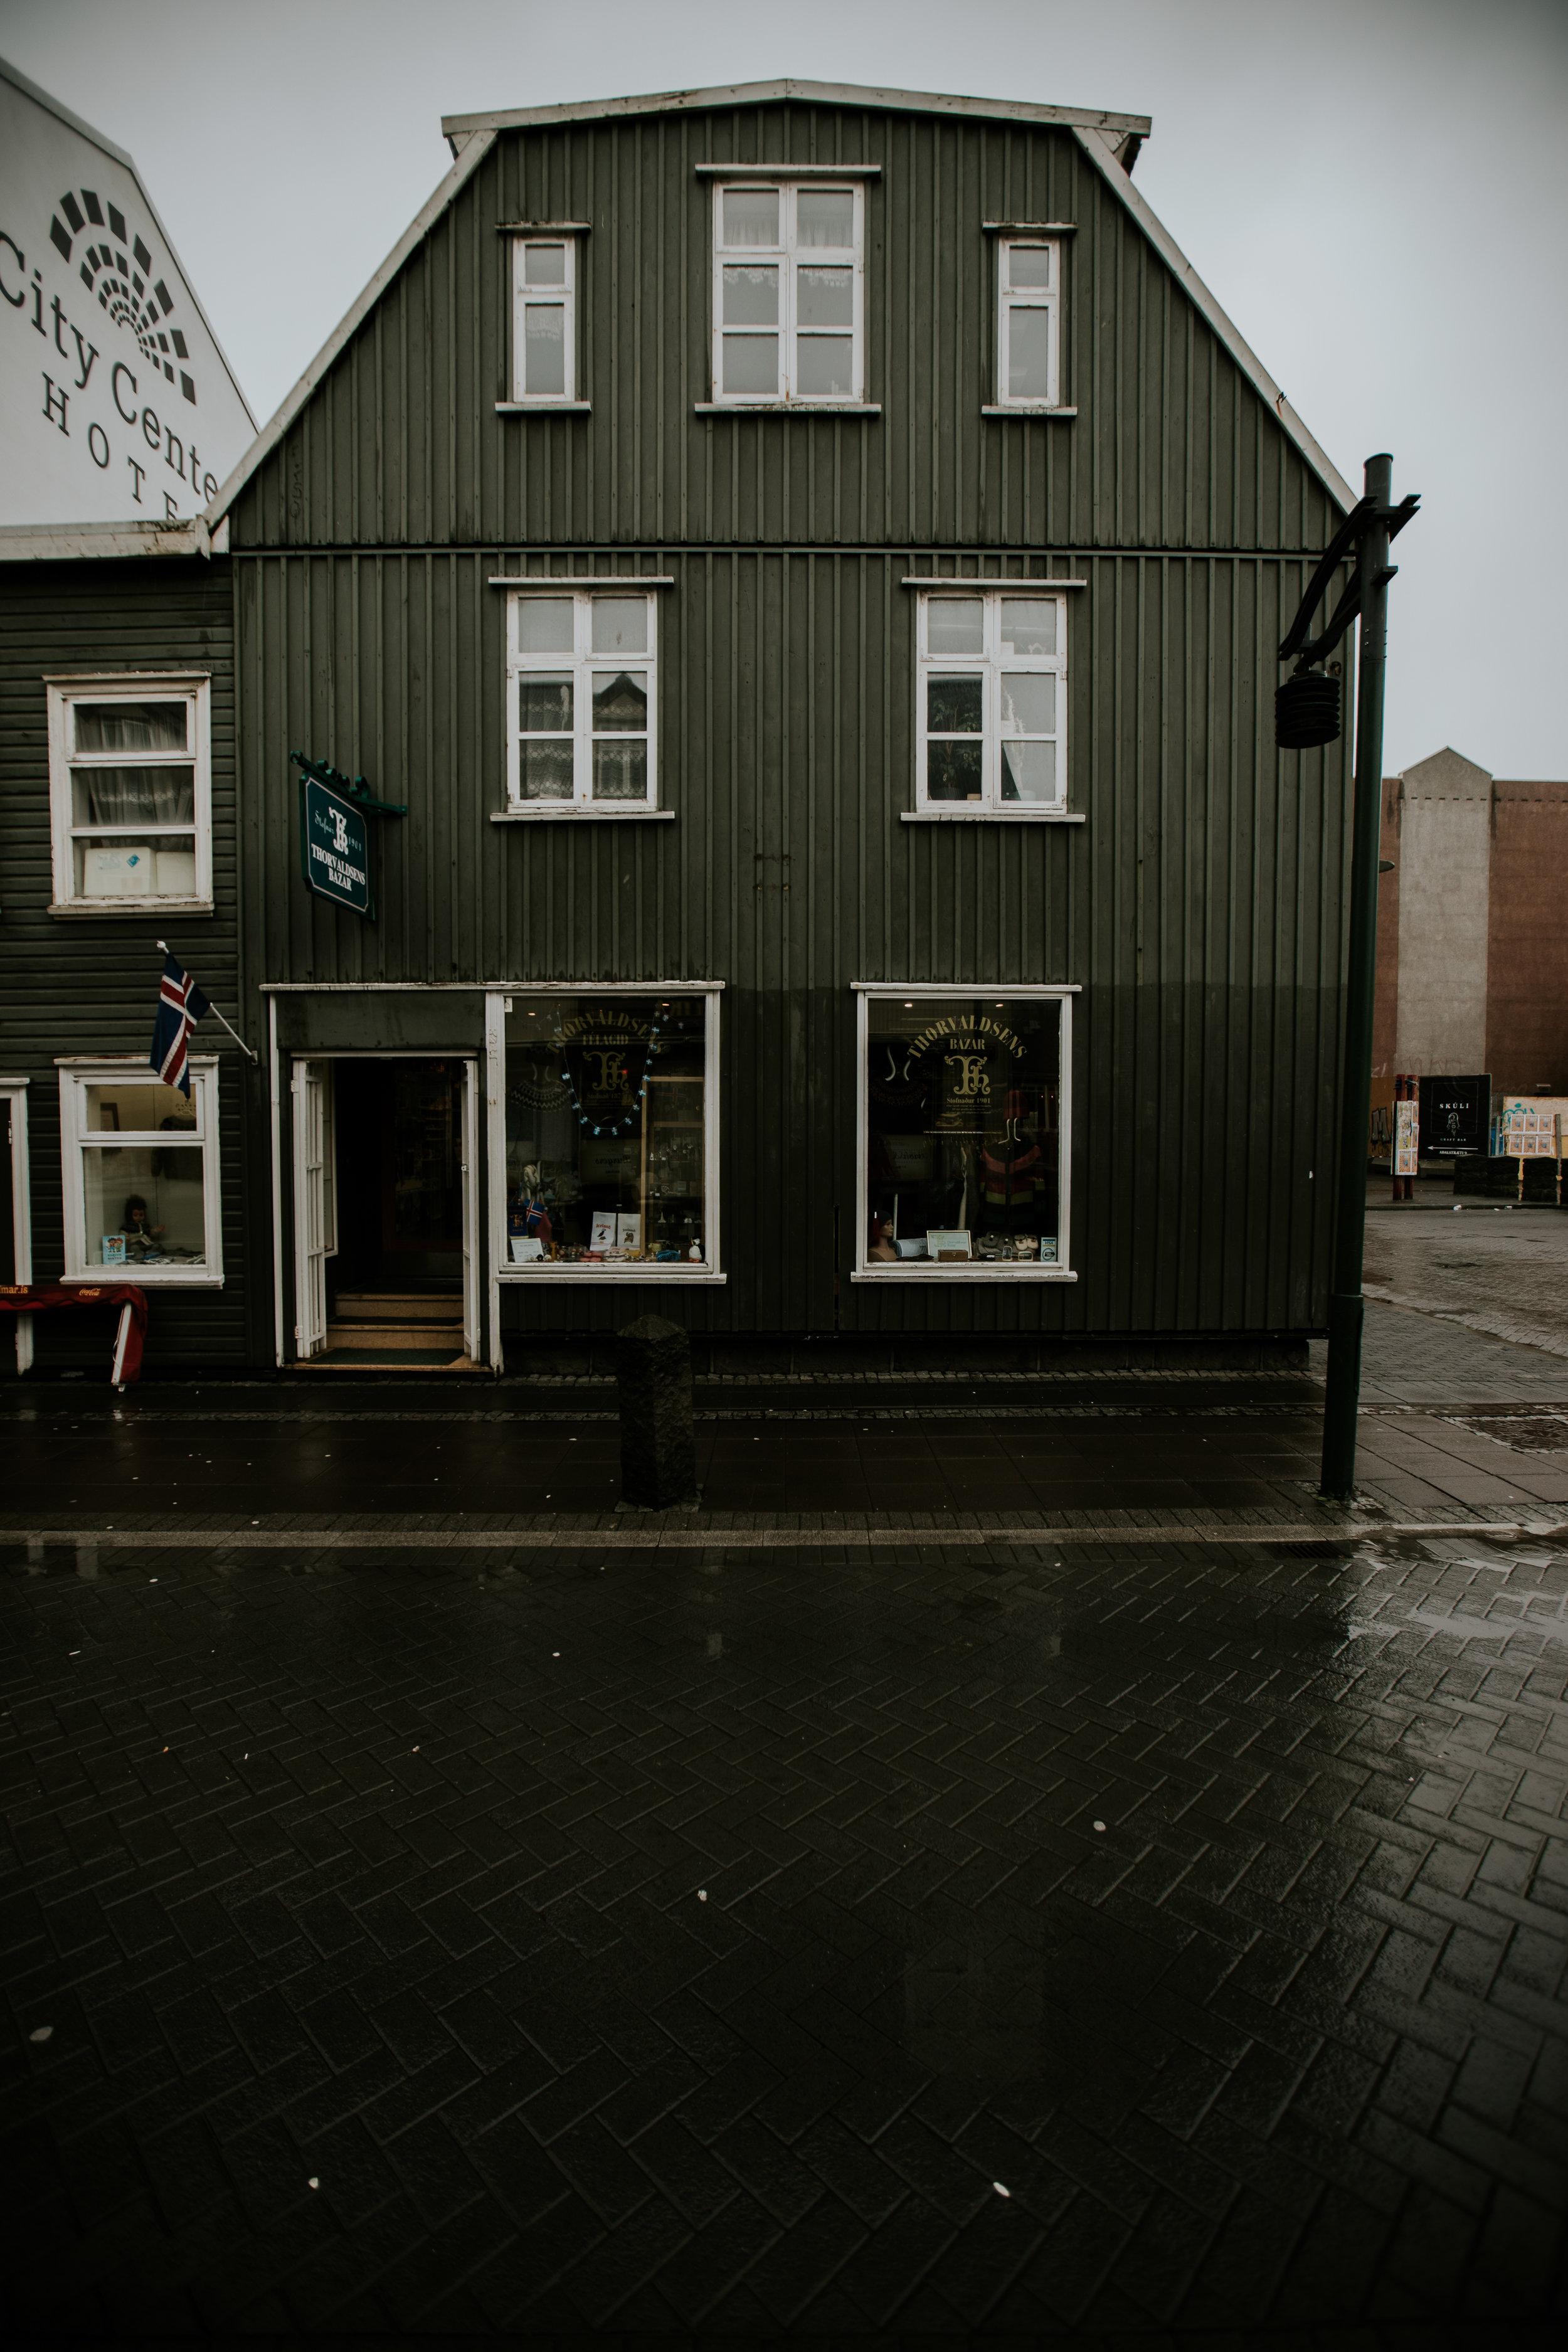 Iceland Day 1 - Reykajavik-5.jpg